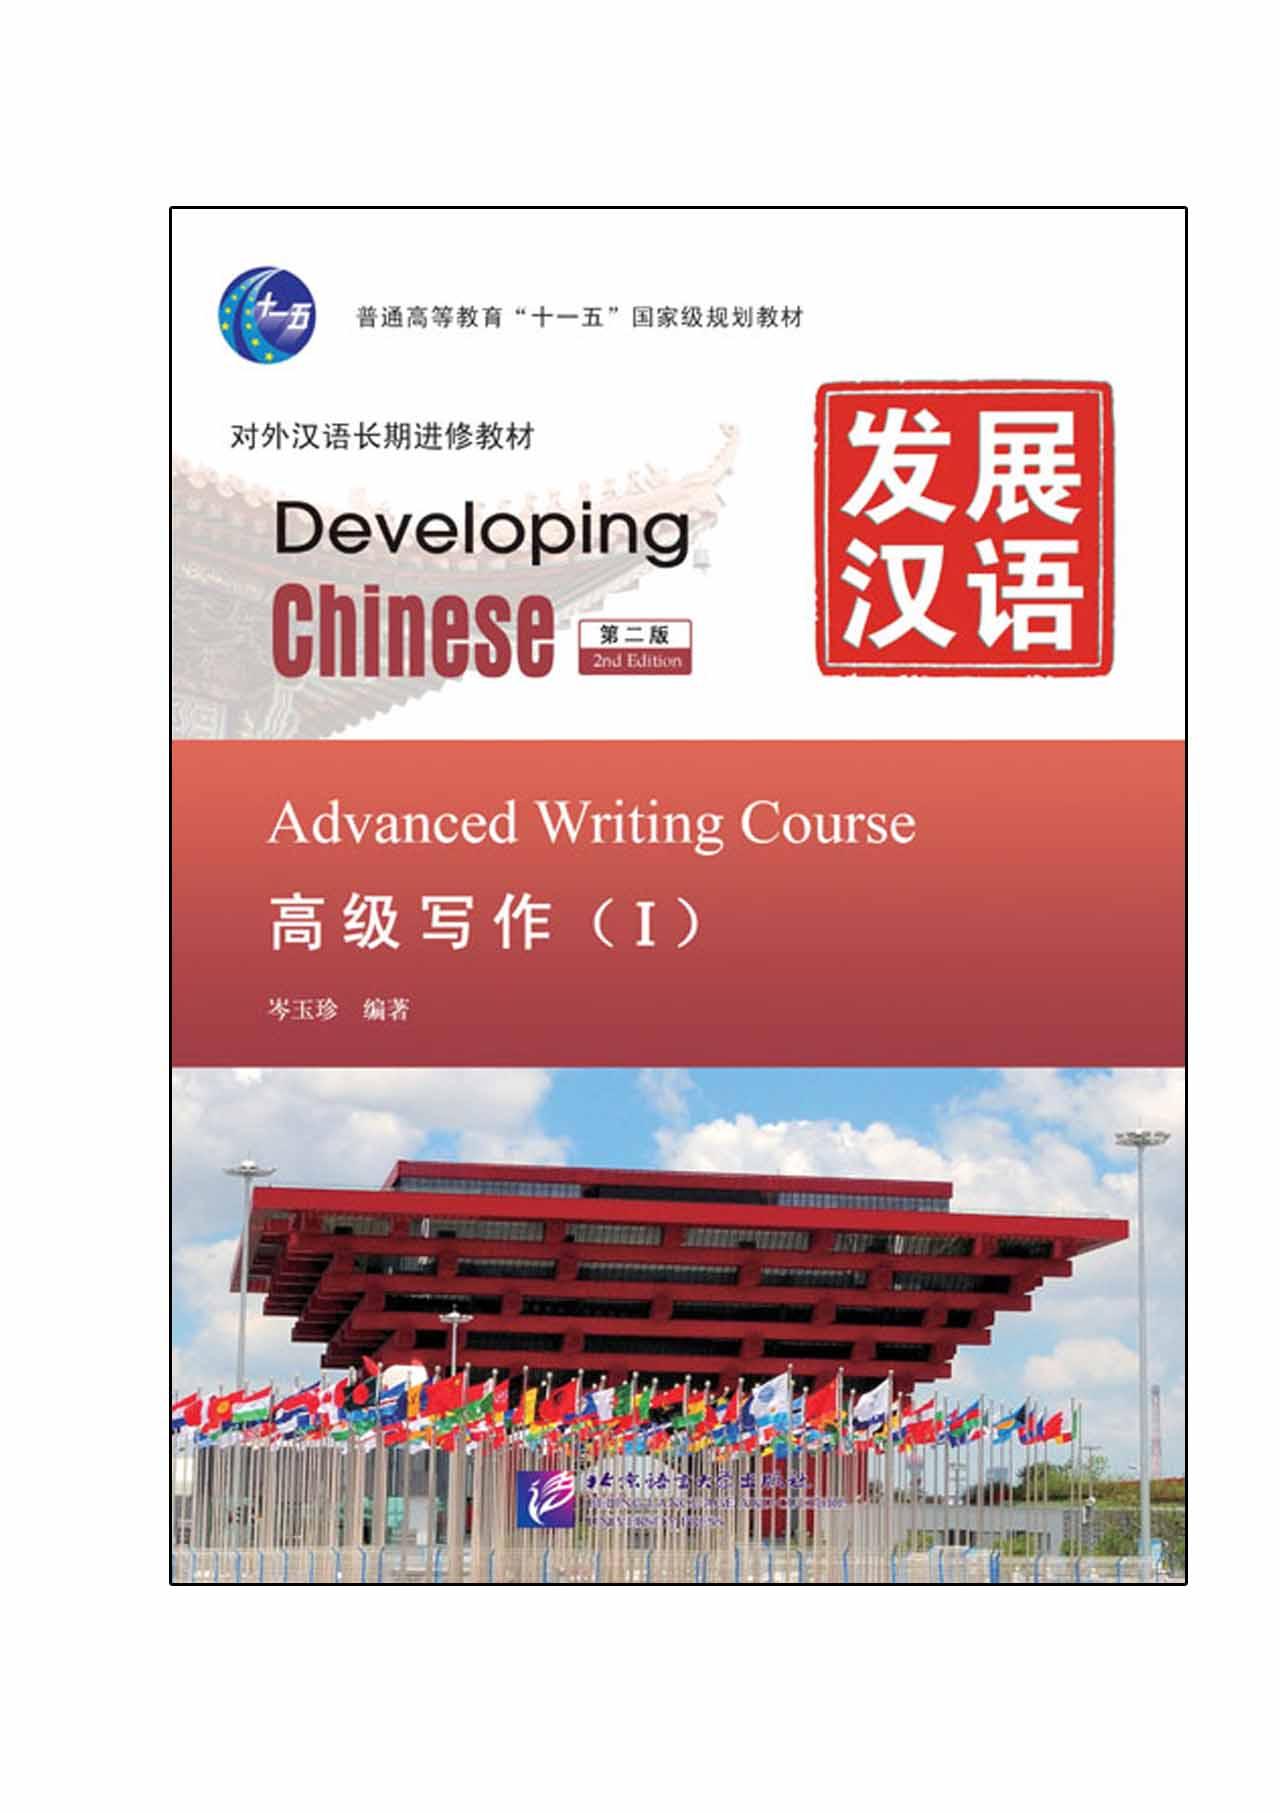 发展汉语(第2版)高级写作(Ⅰ)Developing Chinese (2nd Edition) Advanced Writing Course I